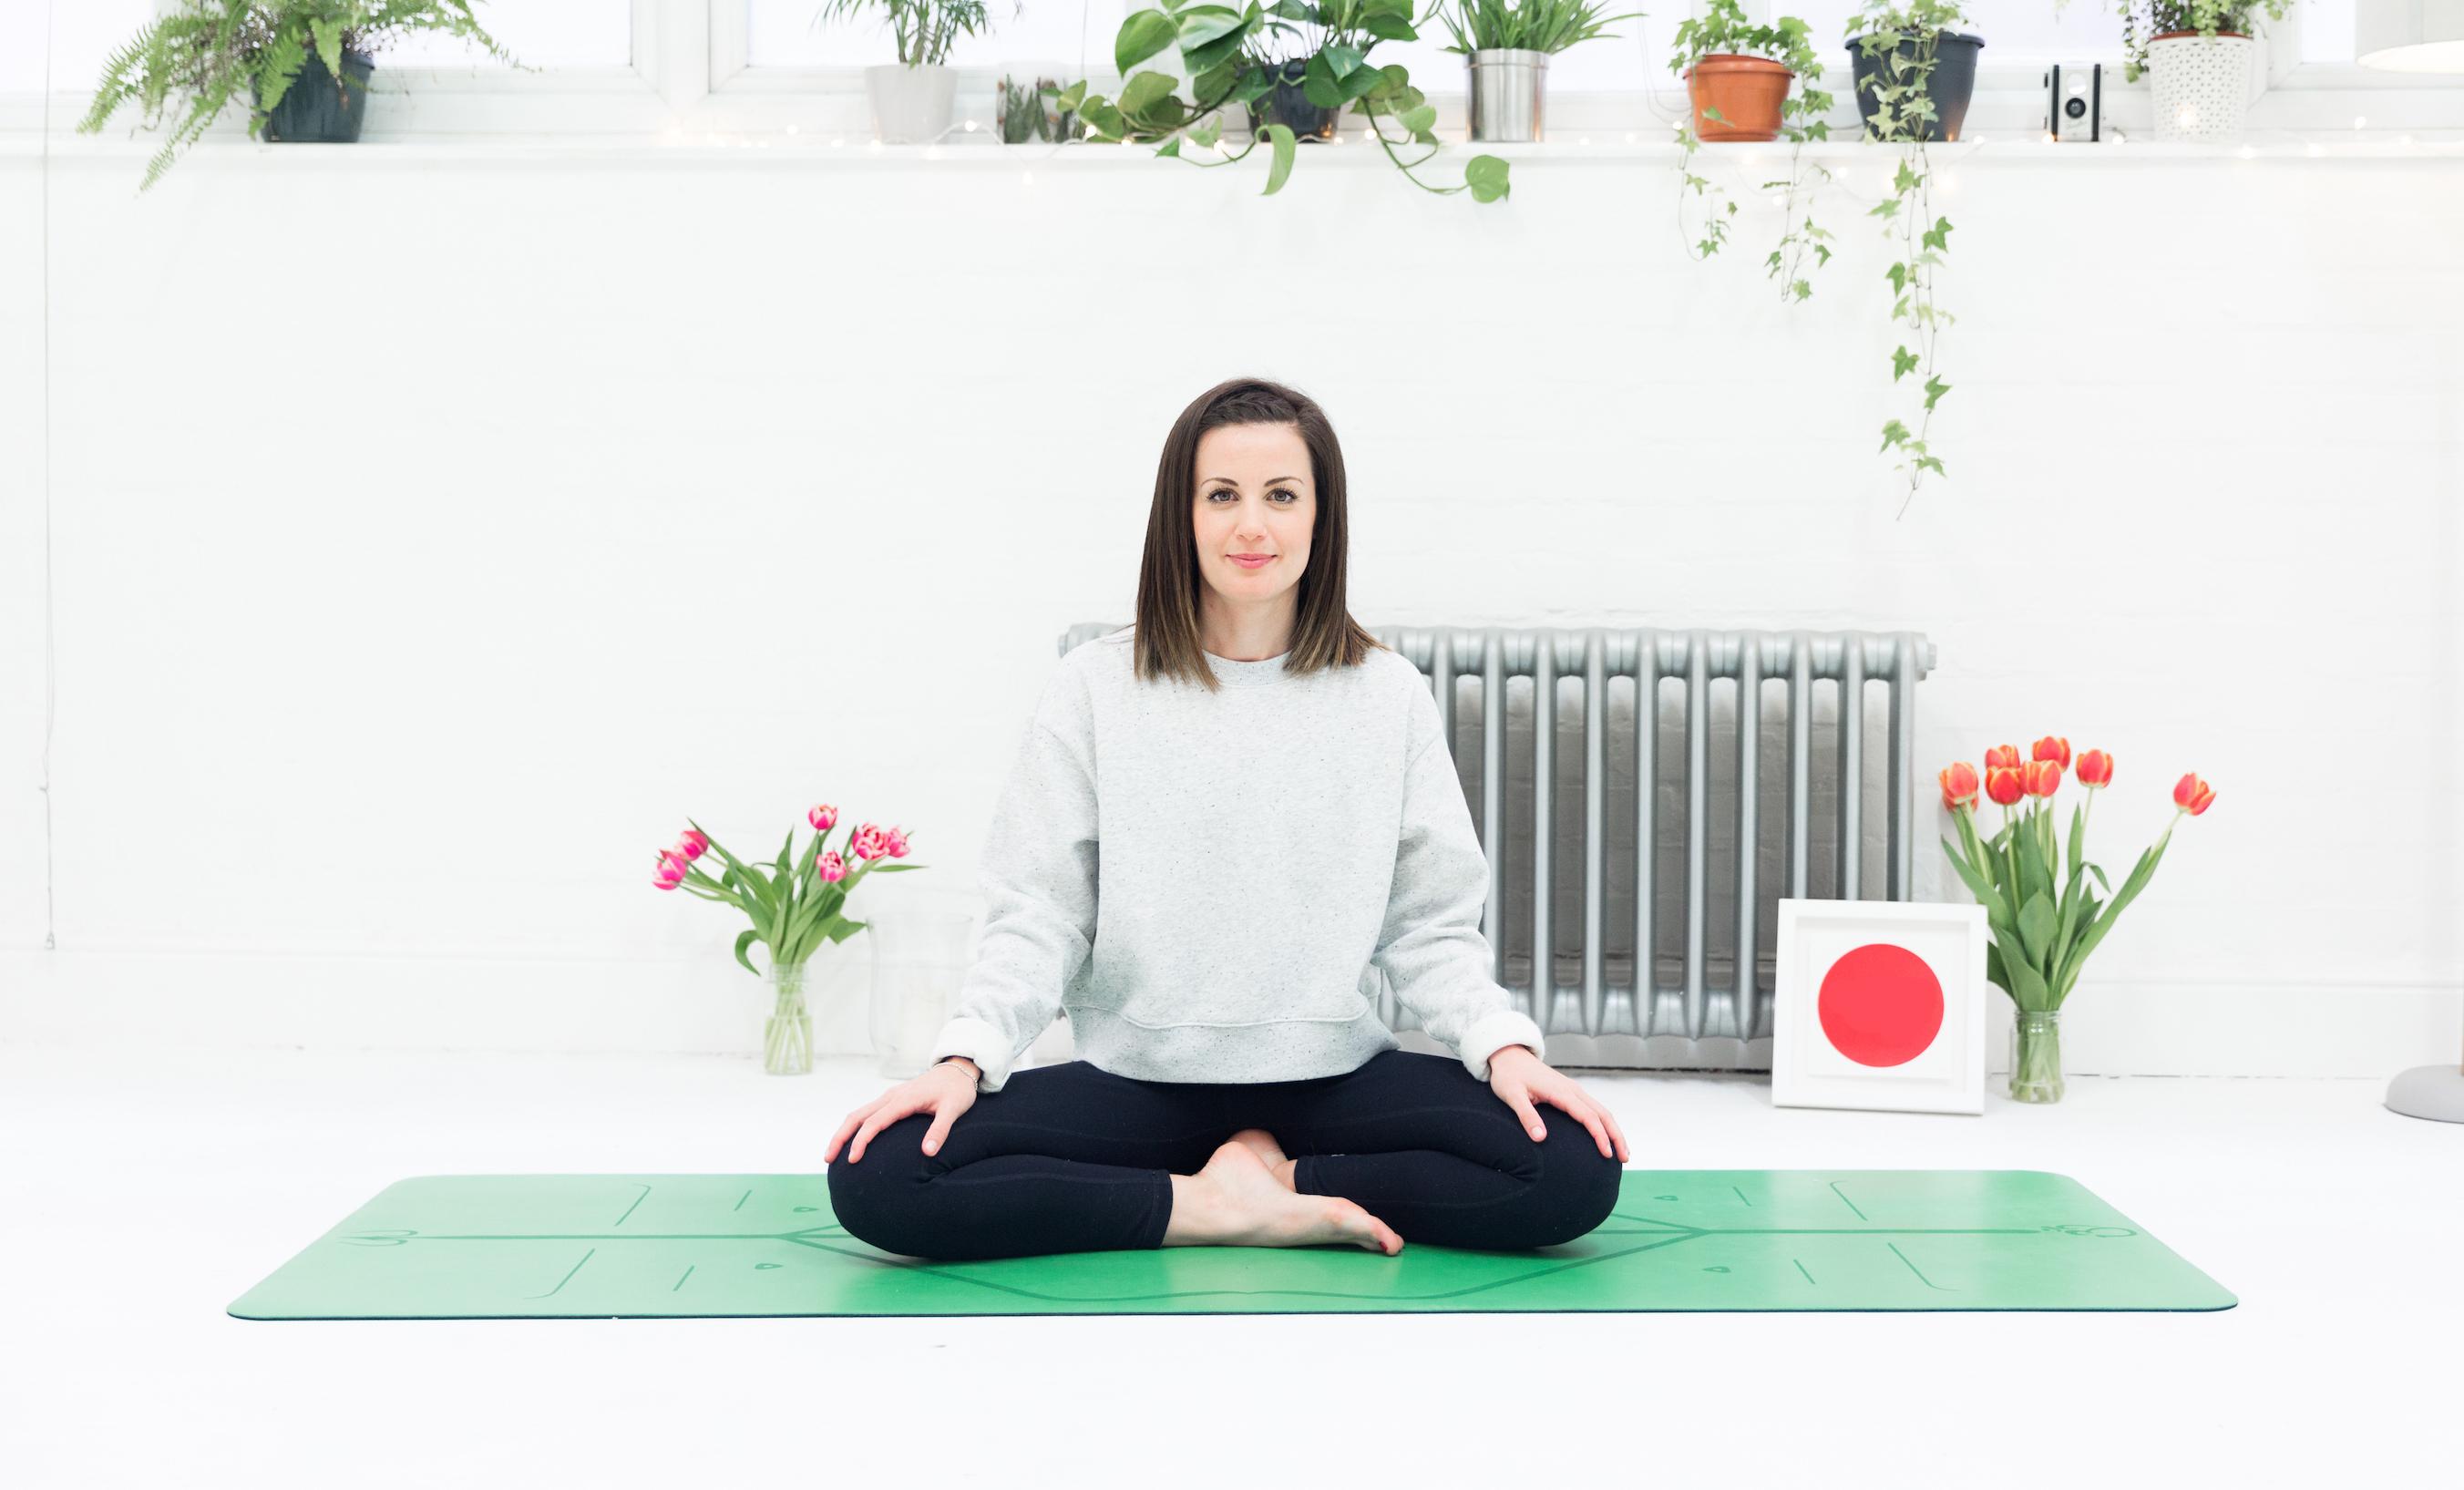 Có nên tâp yoga ngày đèn đỏ